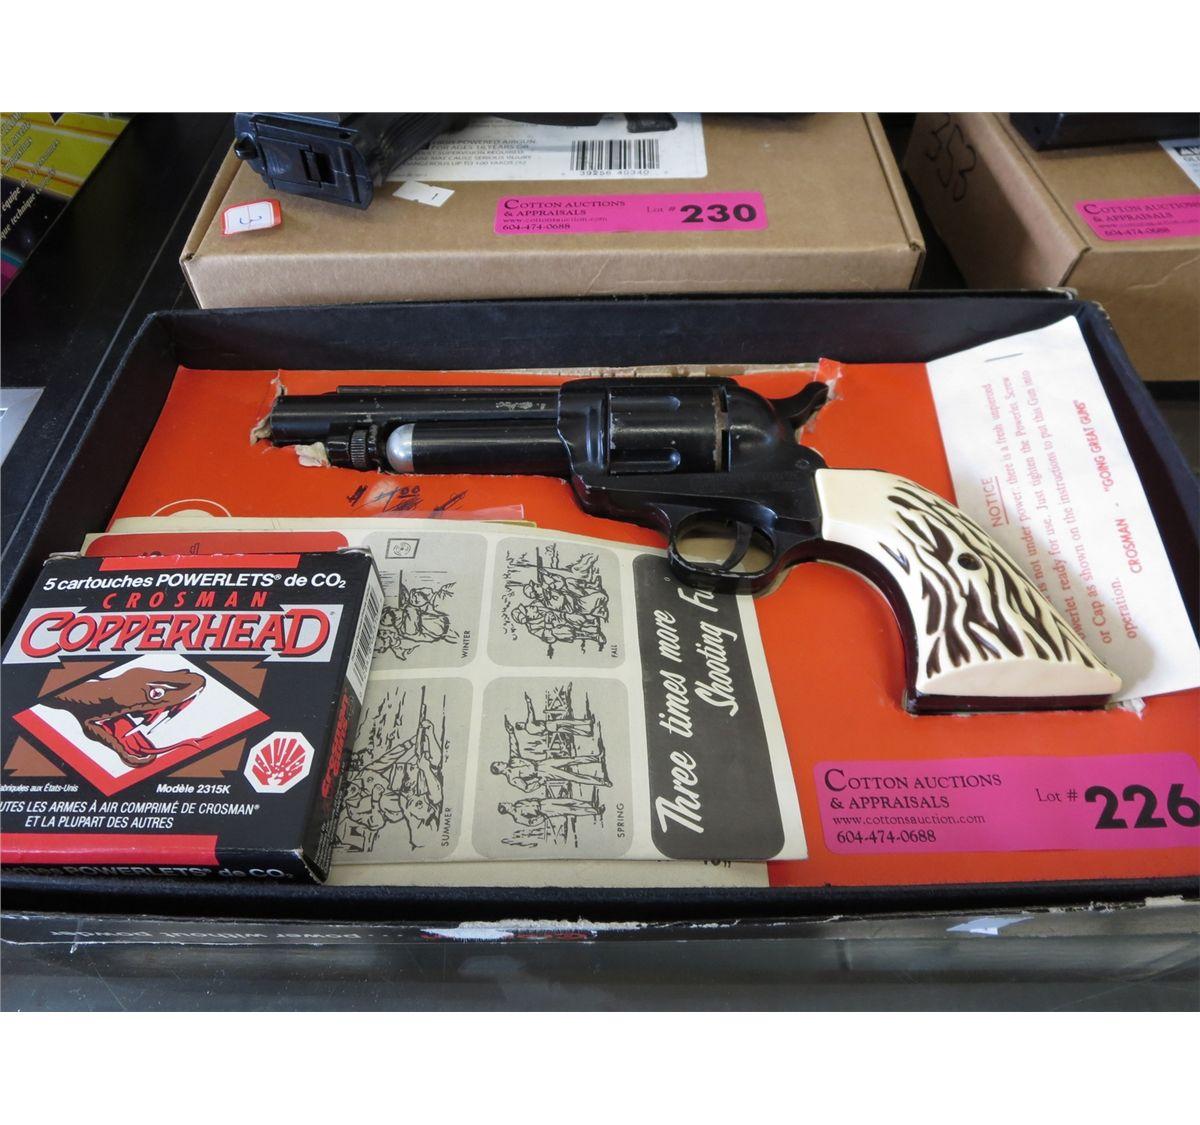 Vintage Crosman SA6 CO2 Pell gun revolver